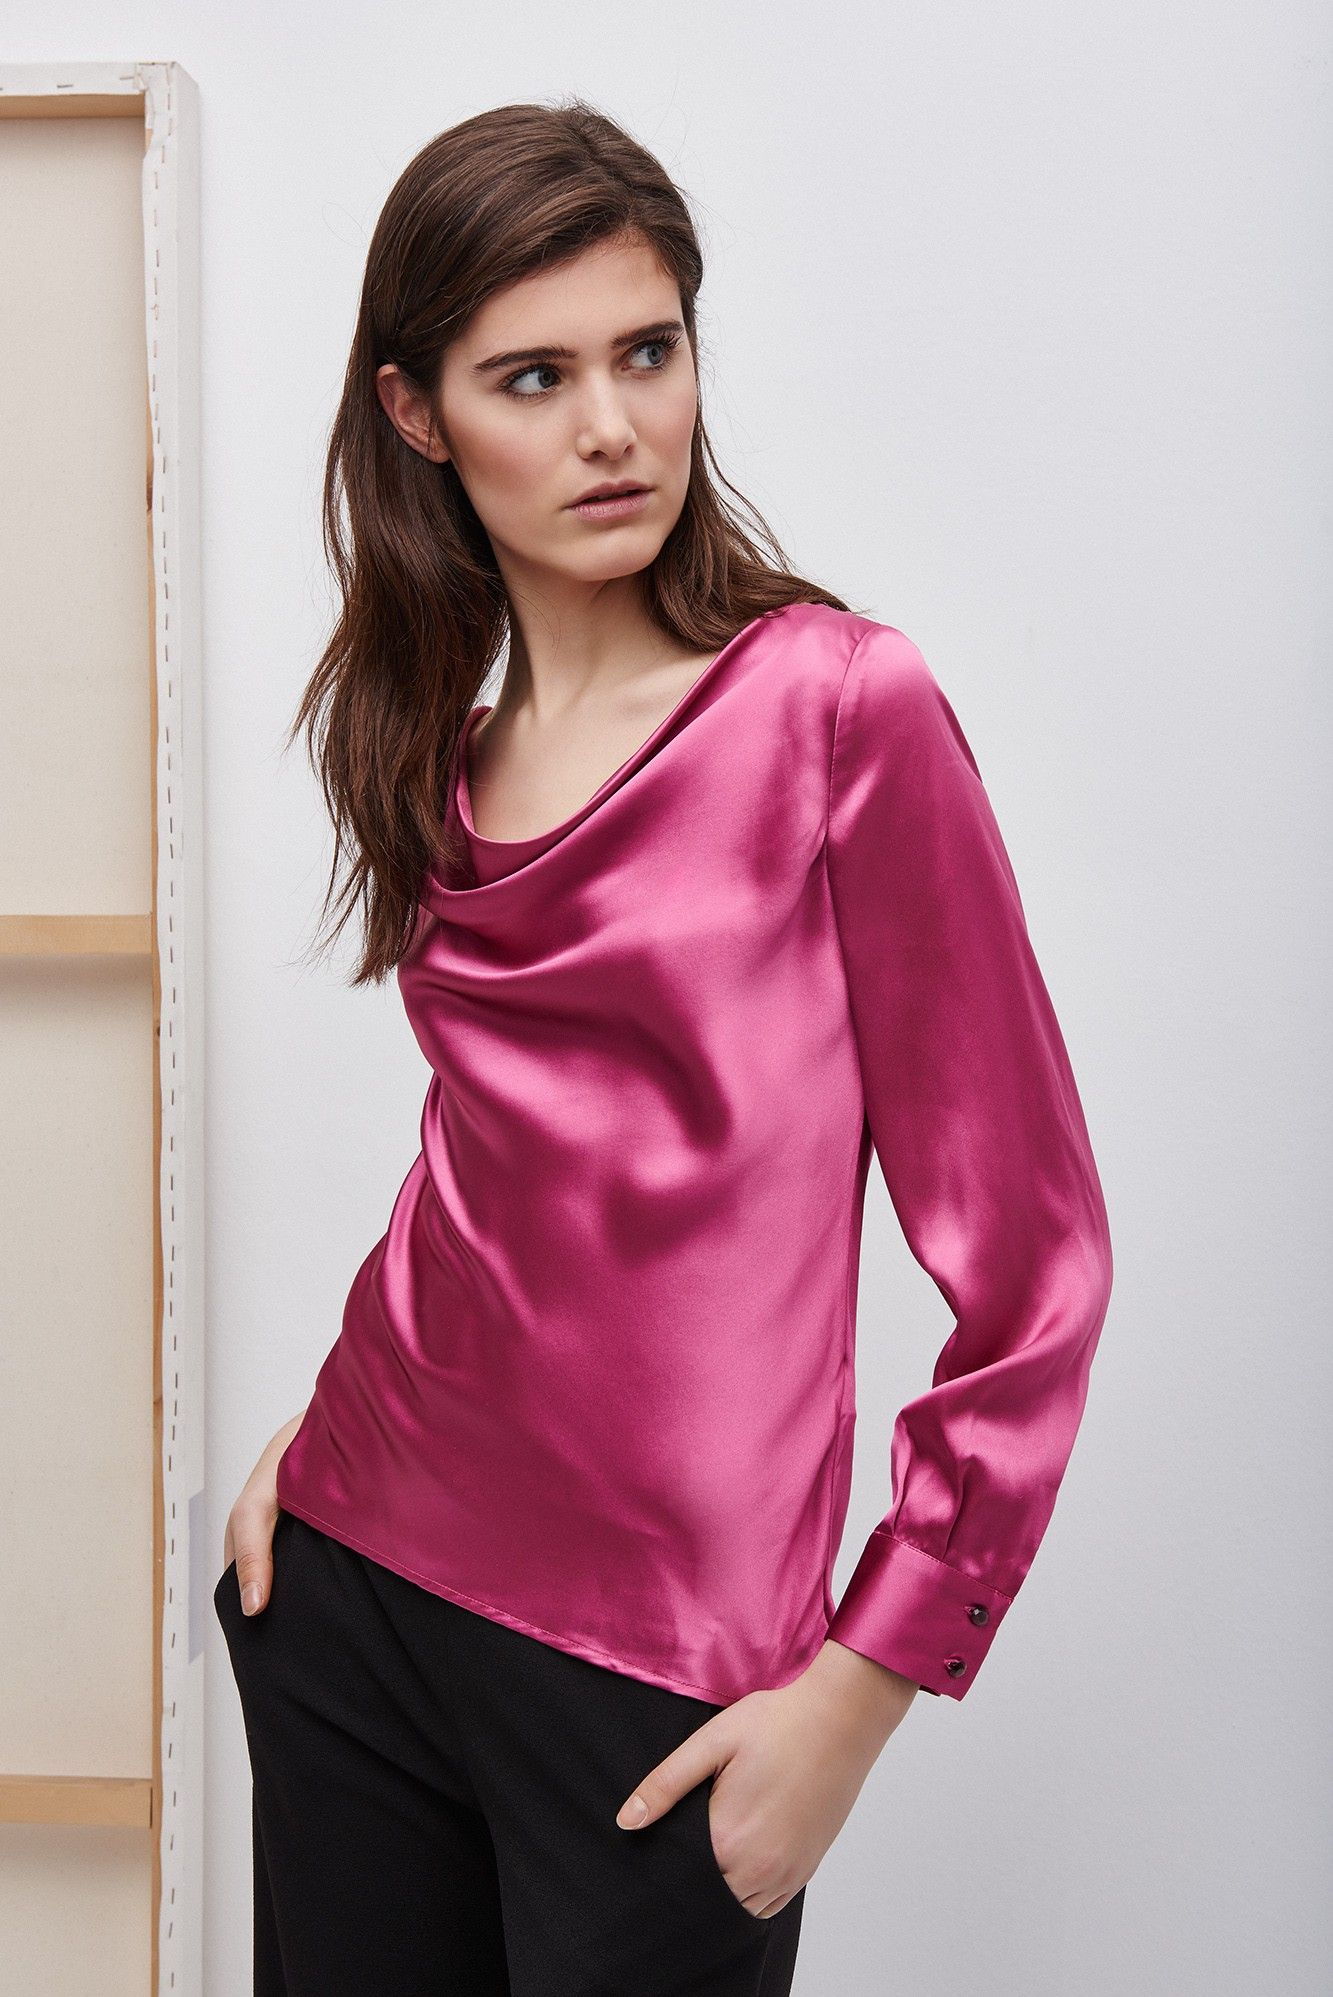 b9a98c7916 Blusa de seda en tono frambuesa - camisas y tops